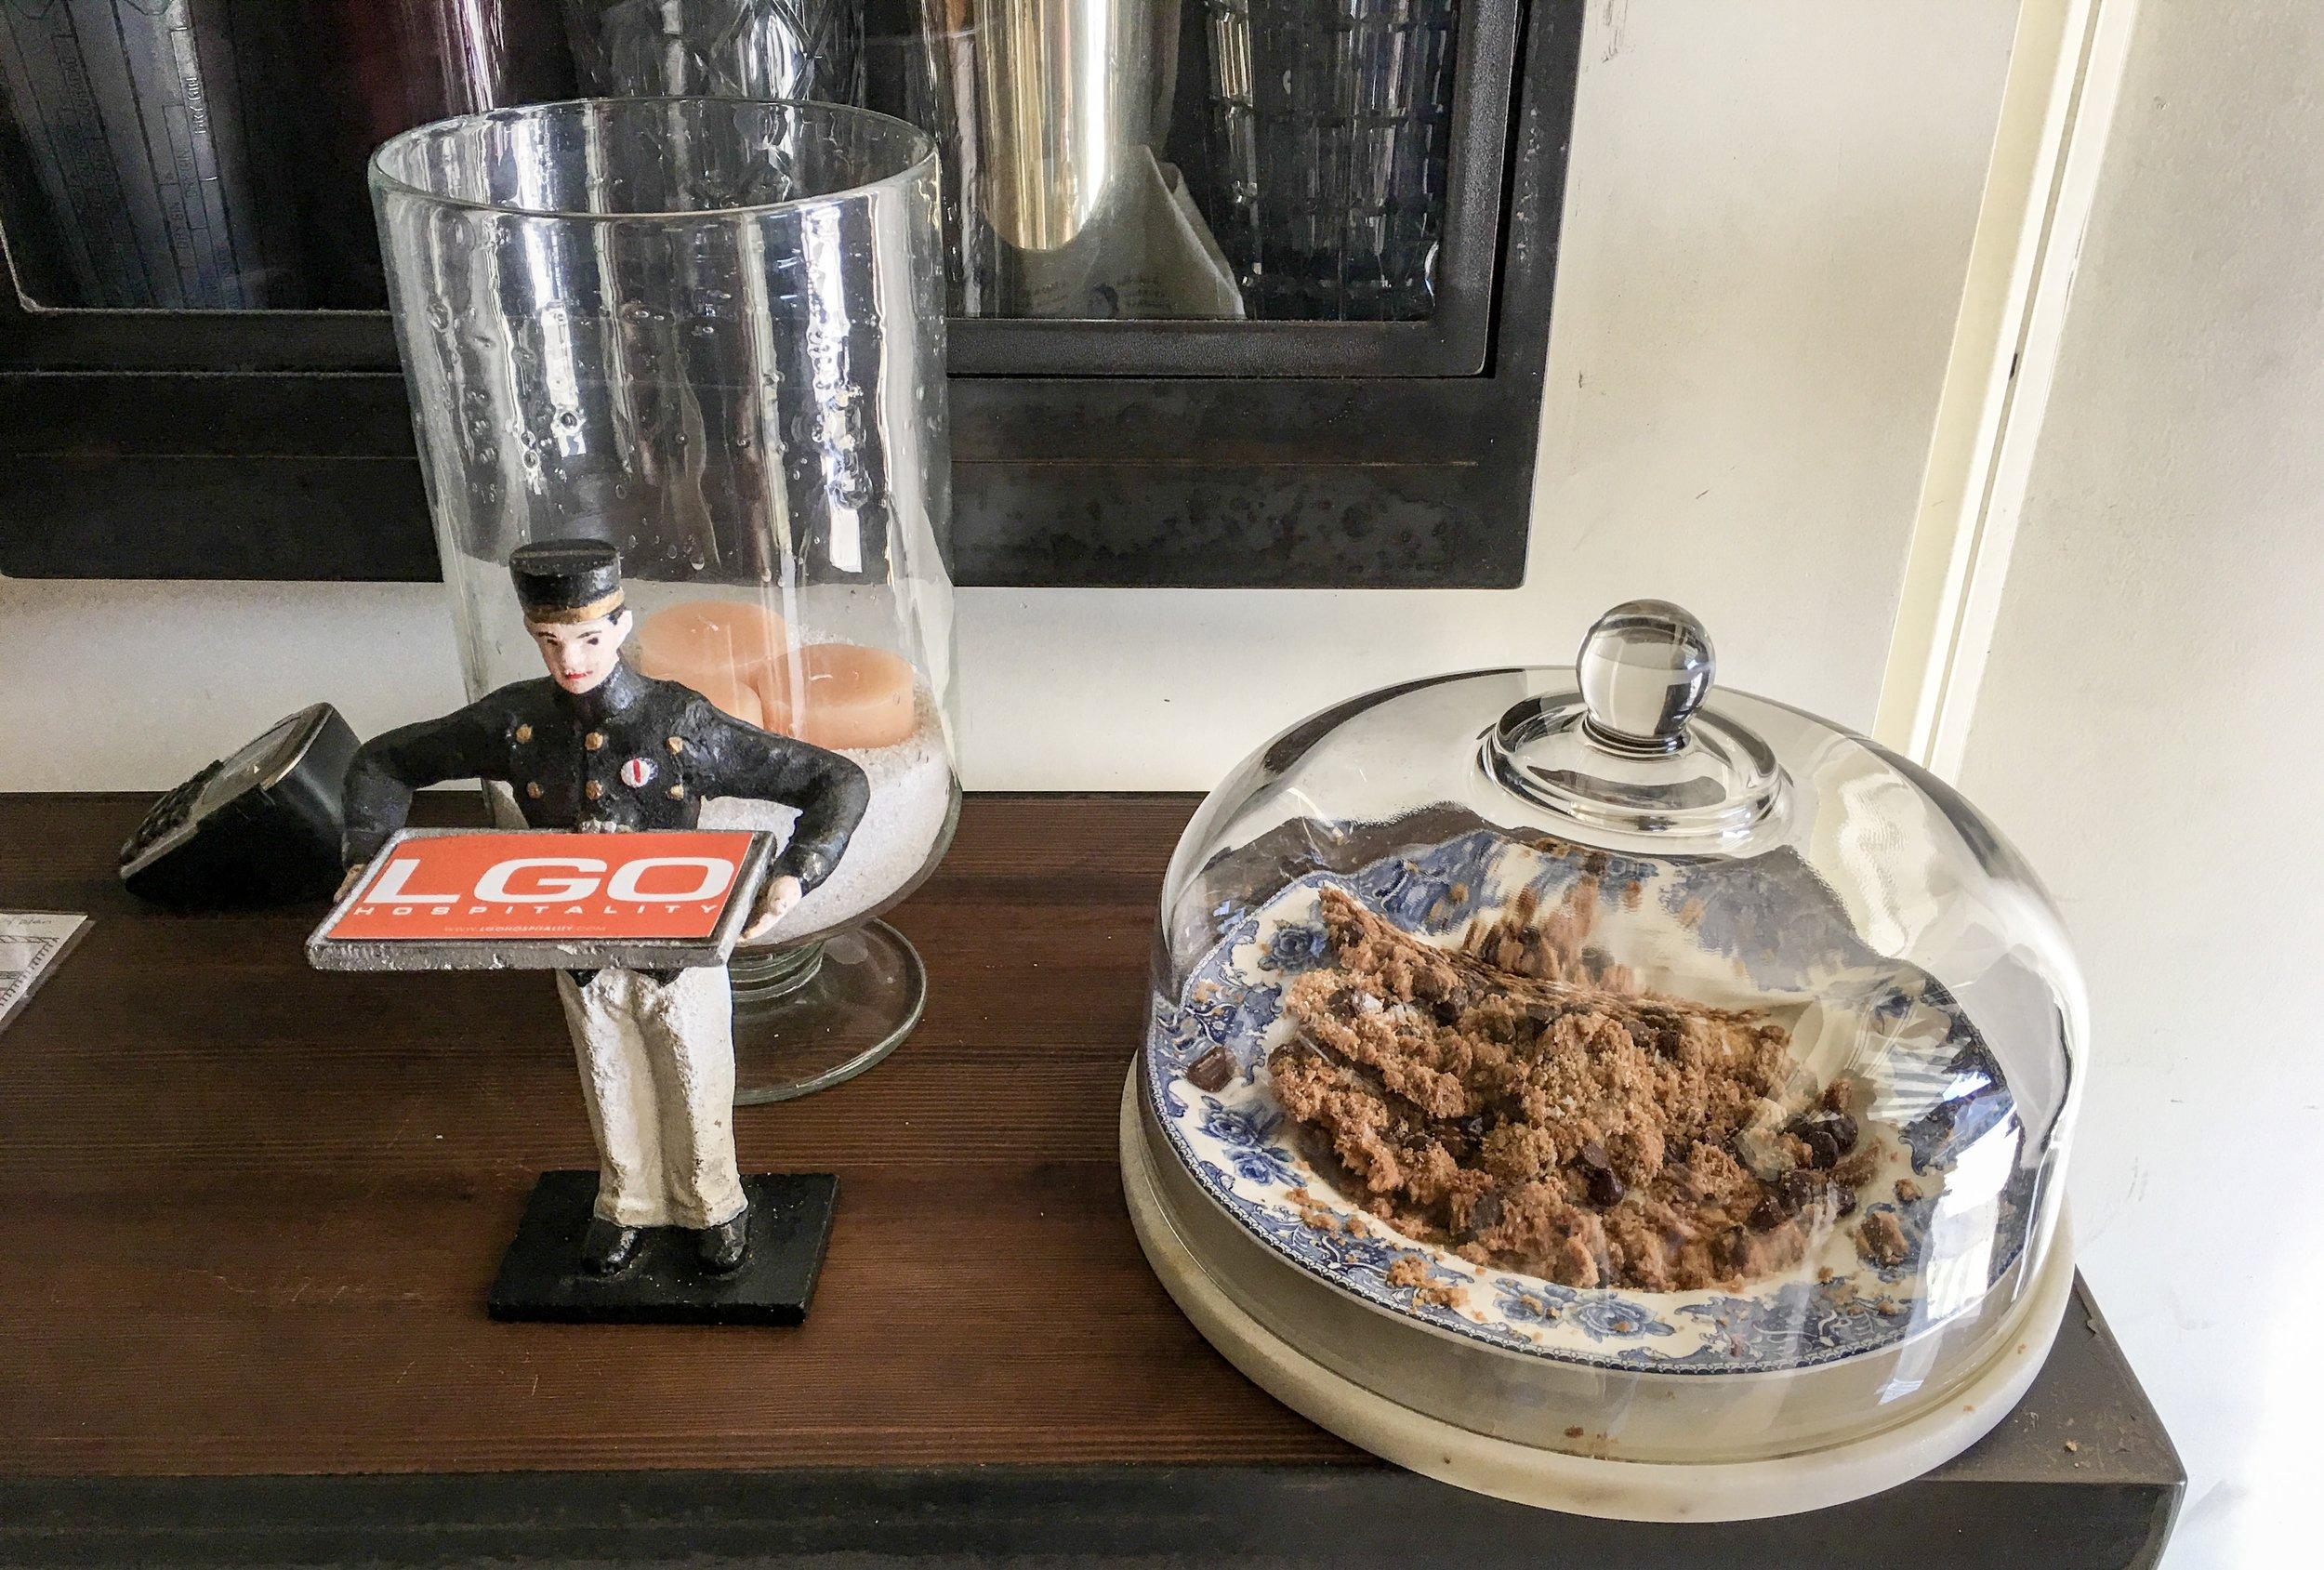 Chocolate Chip Cookies at the door, Ingo's Tasty Diner, Santa Monica, CA